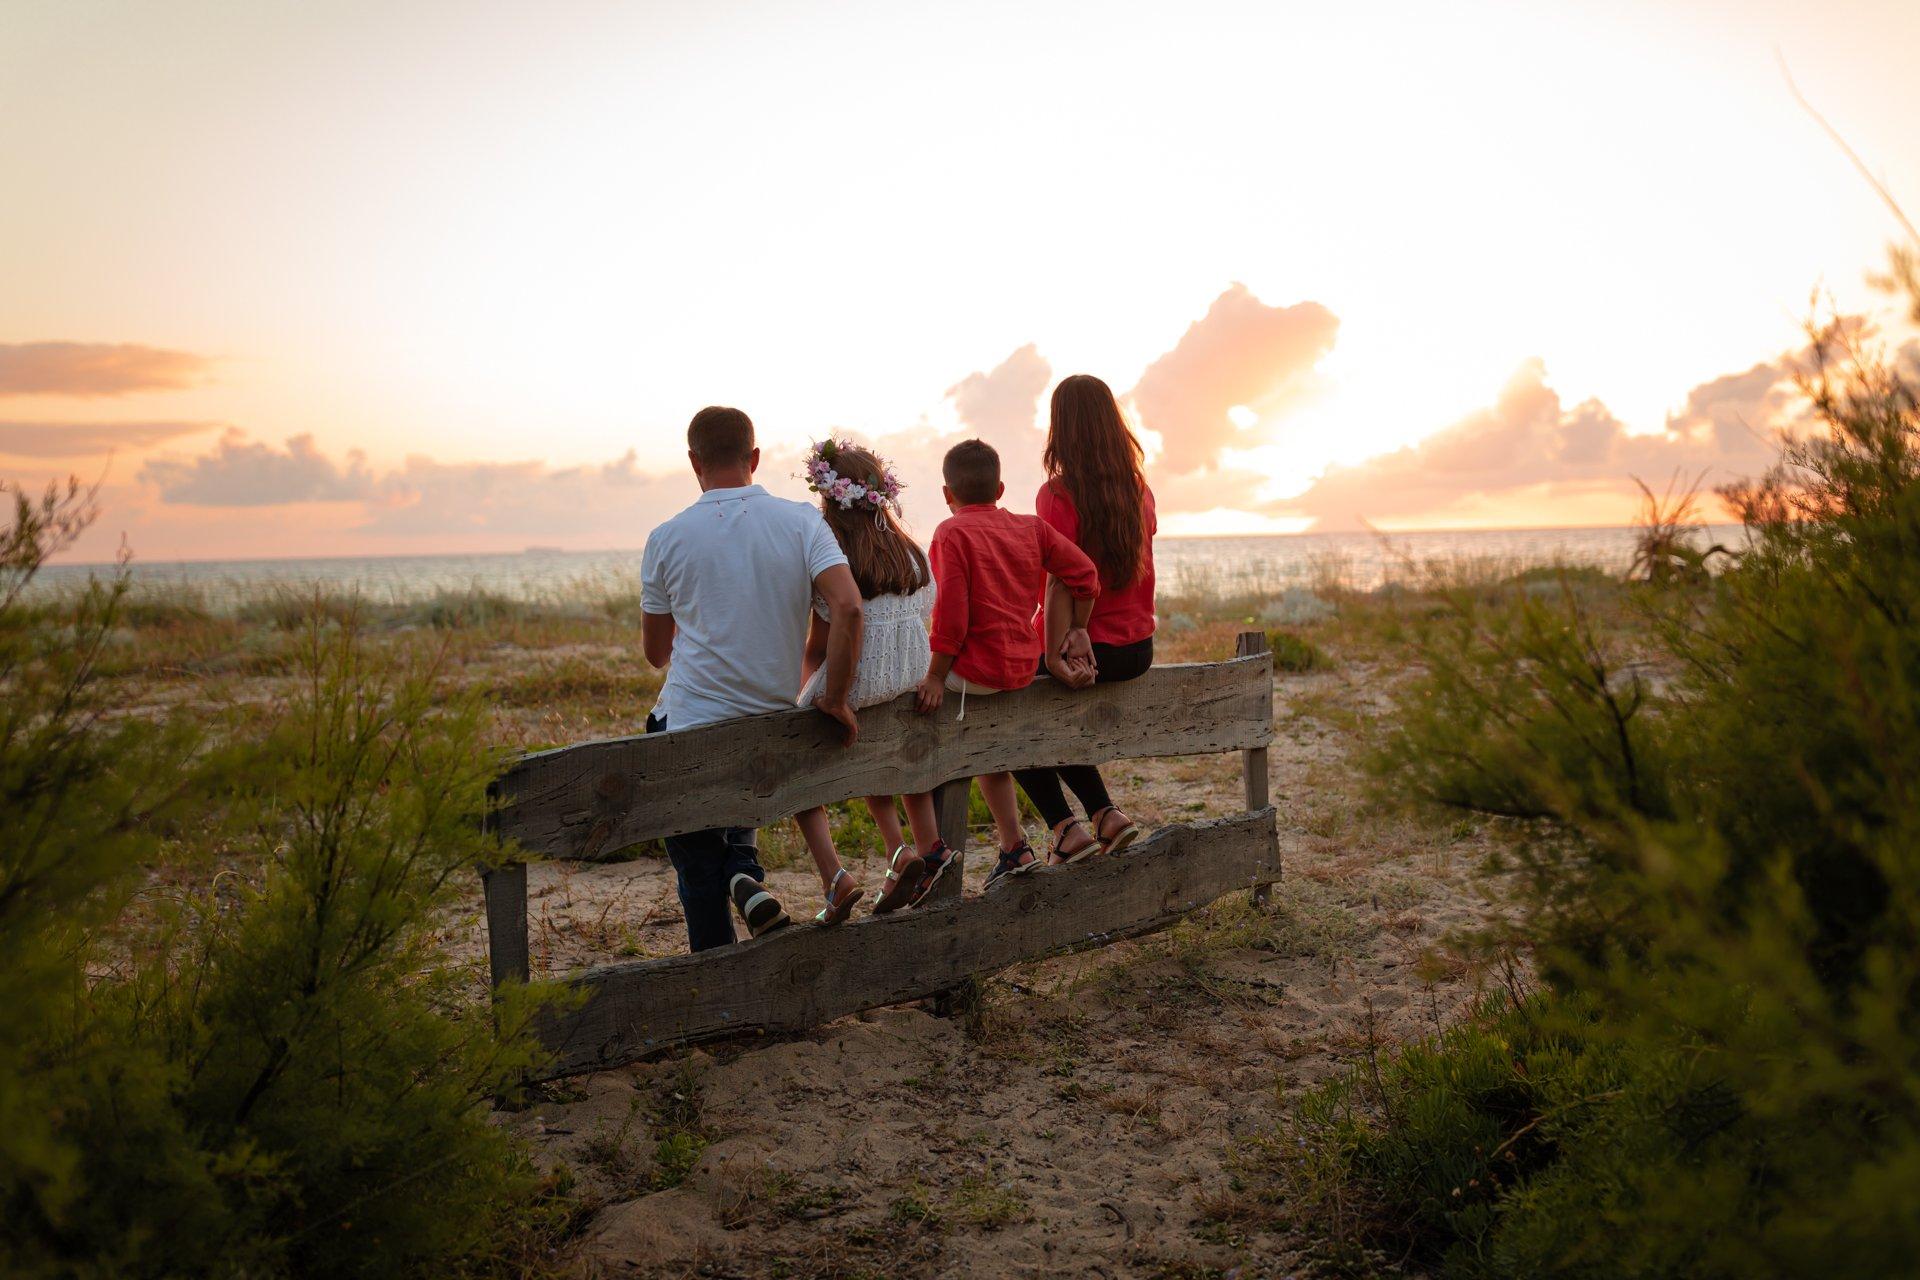 Mini sessione fotografica estiva ritratti di famiglia in Calabria San Ferdinando